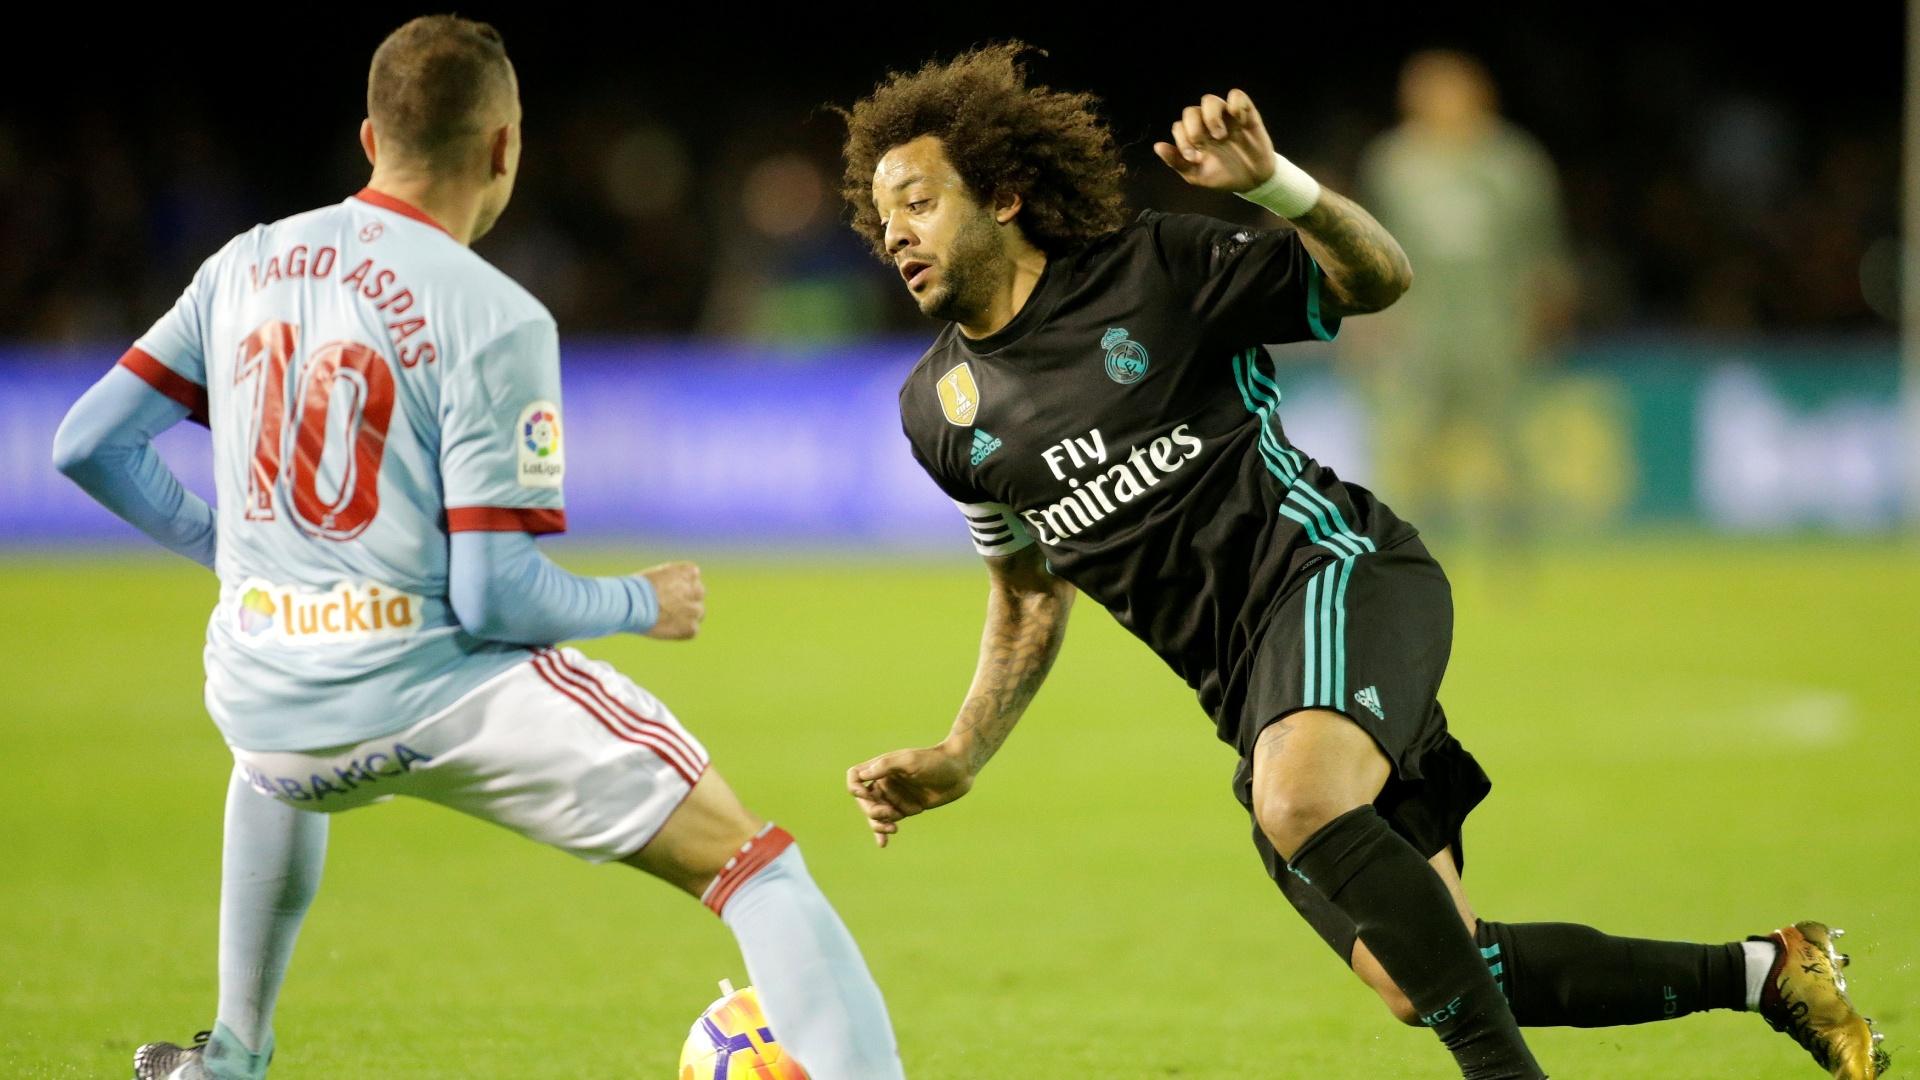 Marcelo encara a marcação de Iago Aspas no jogo entre Celta e Real Madrid